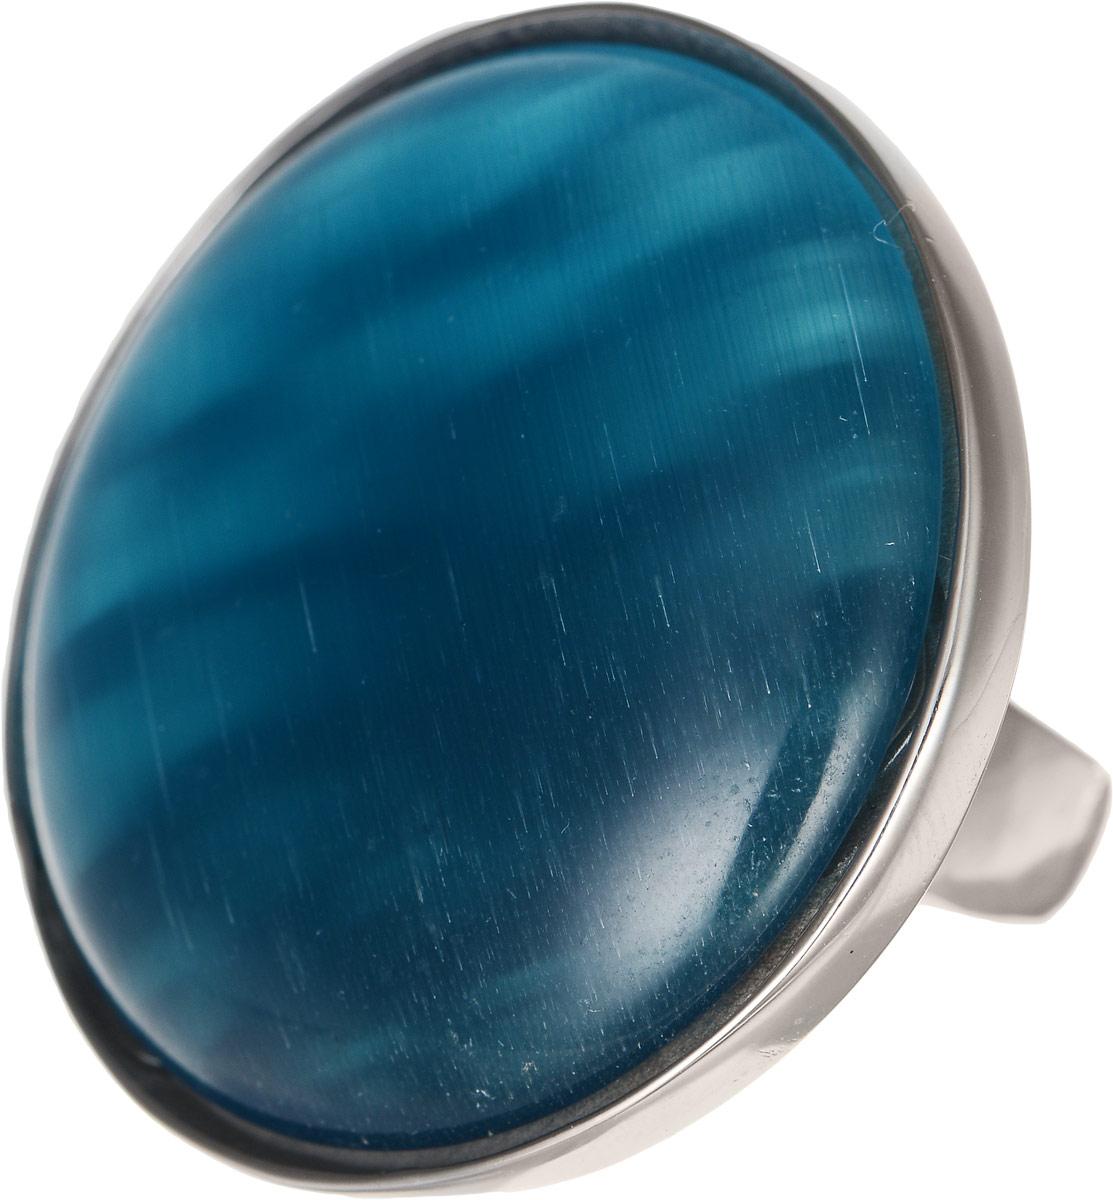 Кольцо Polina Selezneva, цвет: серебристый, синий. DG-0008. Размер 19Коктейльное кольцоОригинальное кольцо Polina Selezneva выполнено из бижутерийного сплава. Изделие круглой формы, дополнено искусственным камнем. Такое кольцо это блестящее завершение вашего неповторимого, смелого образа и отличный подарок для ценительницы необычных украшений!